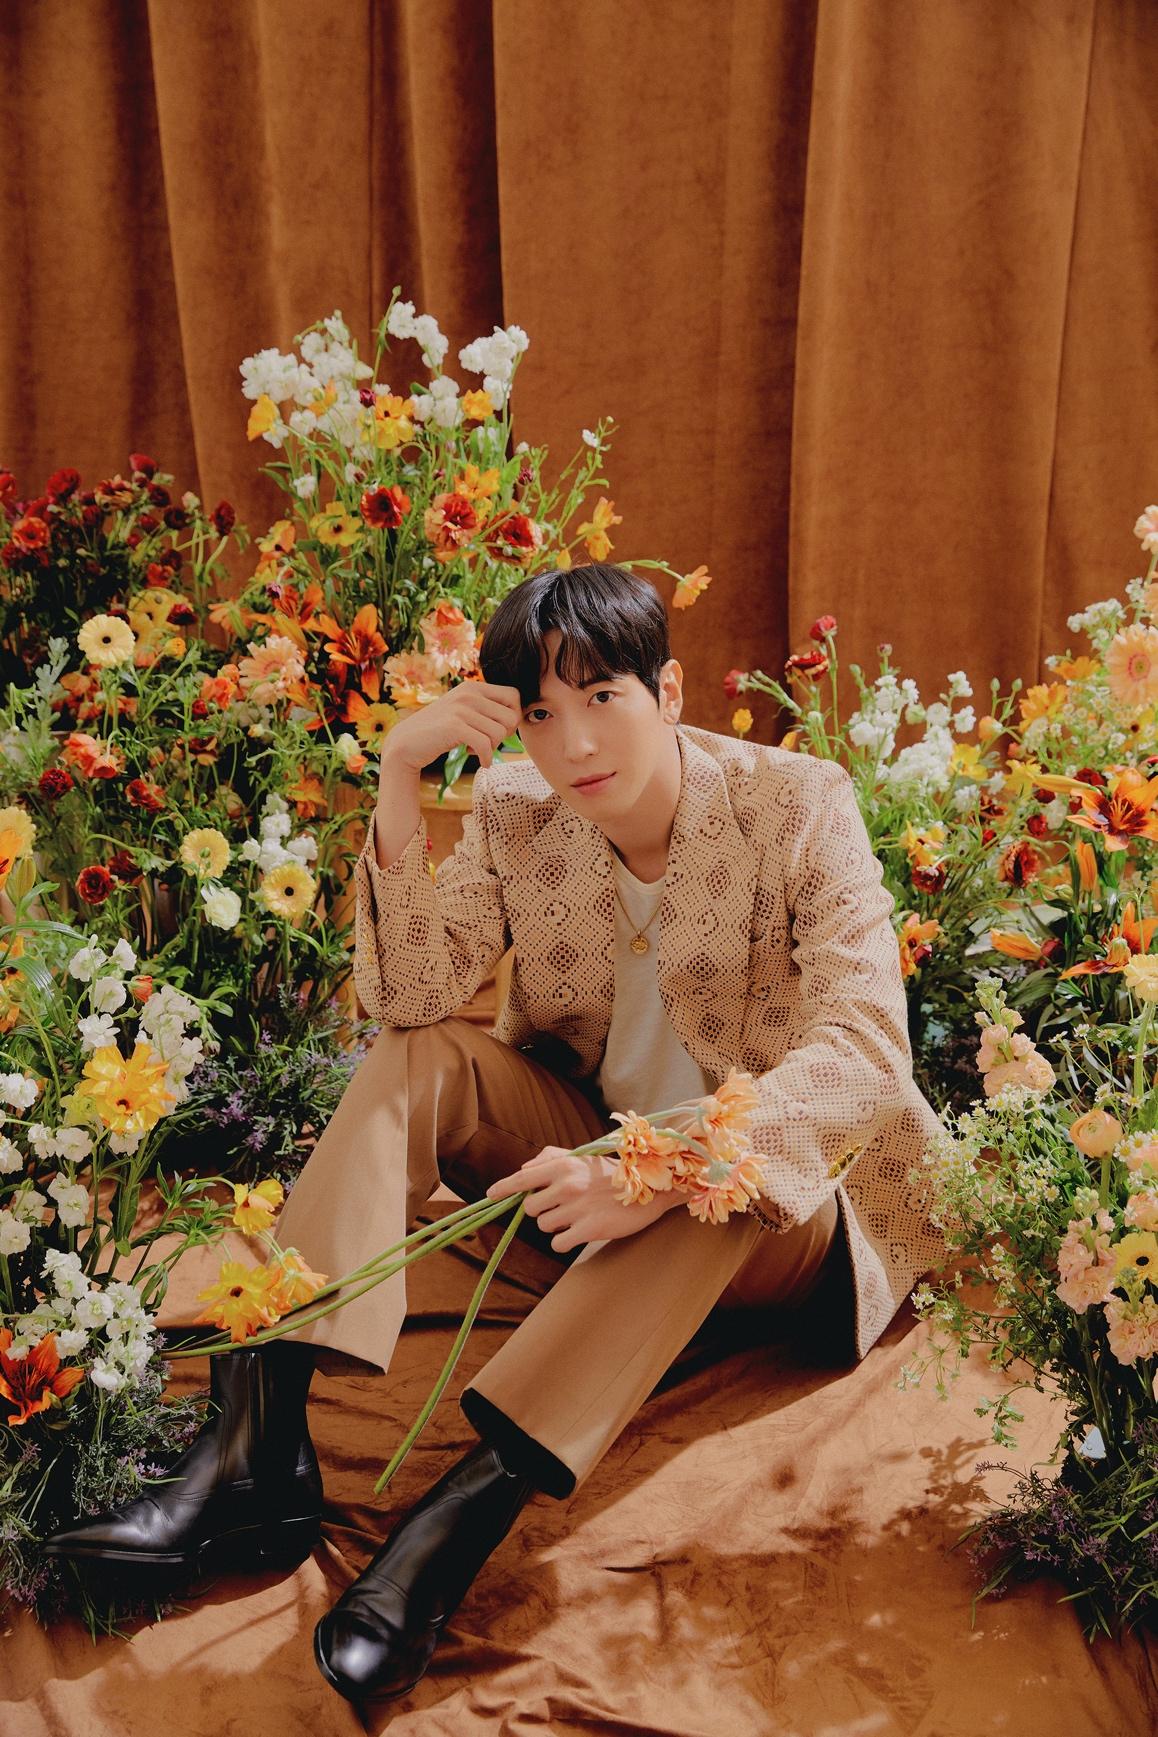 「金曲歌王」萧敬腾X「亚洲超人气艺人」郑容和跨洋首度合作全新单曲《禁爱条款》